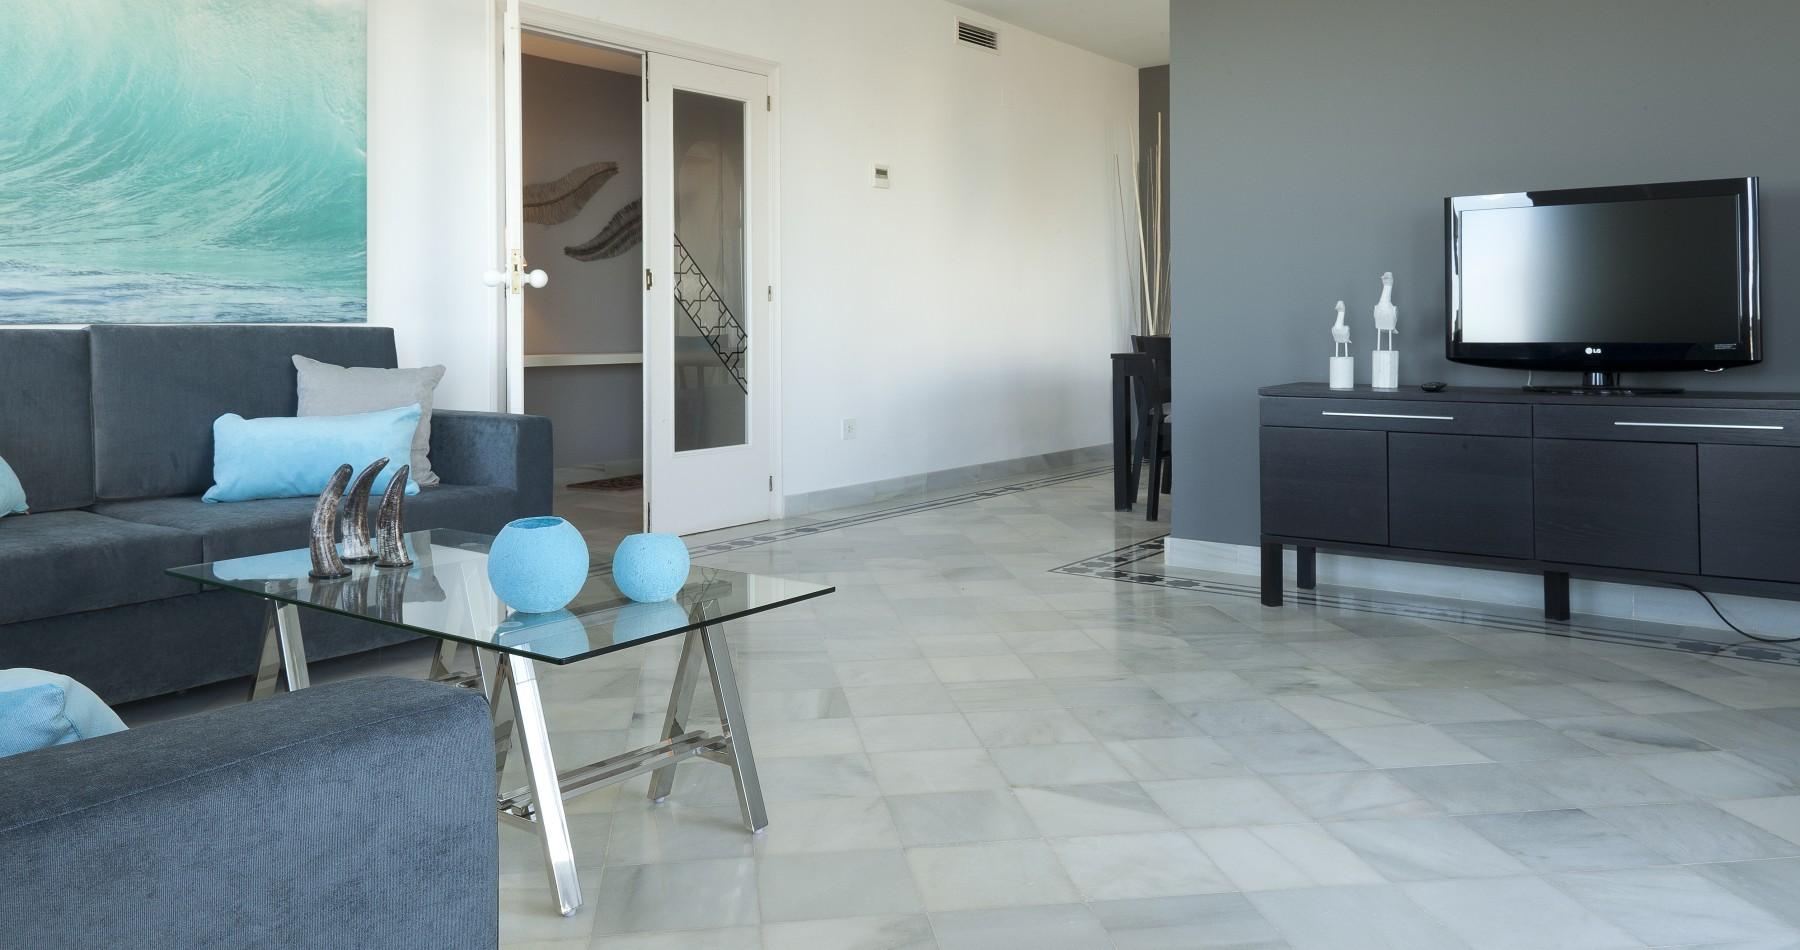 Apartamentos en denia 106 playa dorada j 1 - Denia apartamentos alquiler ...